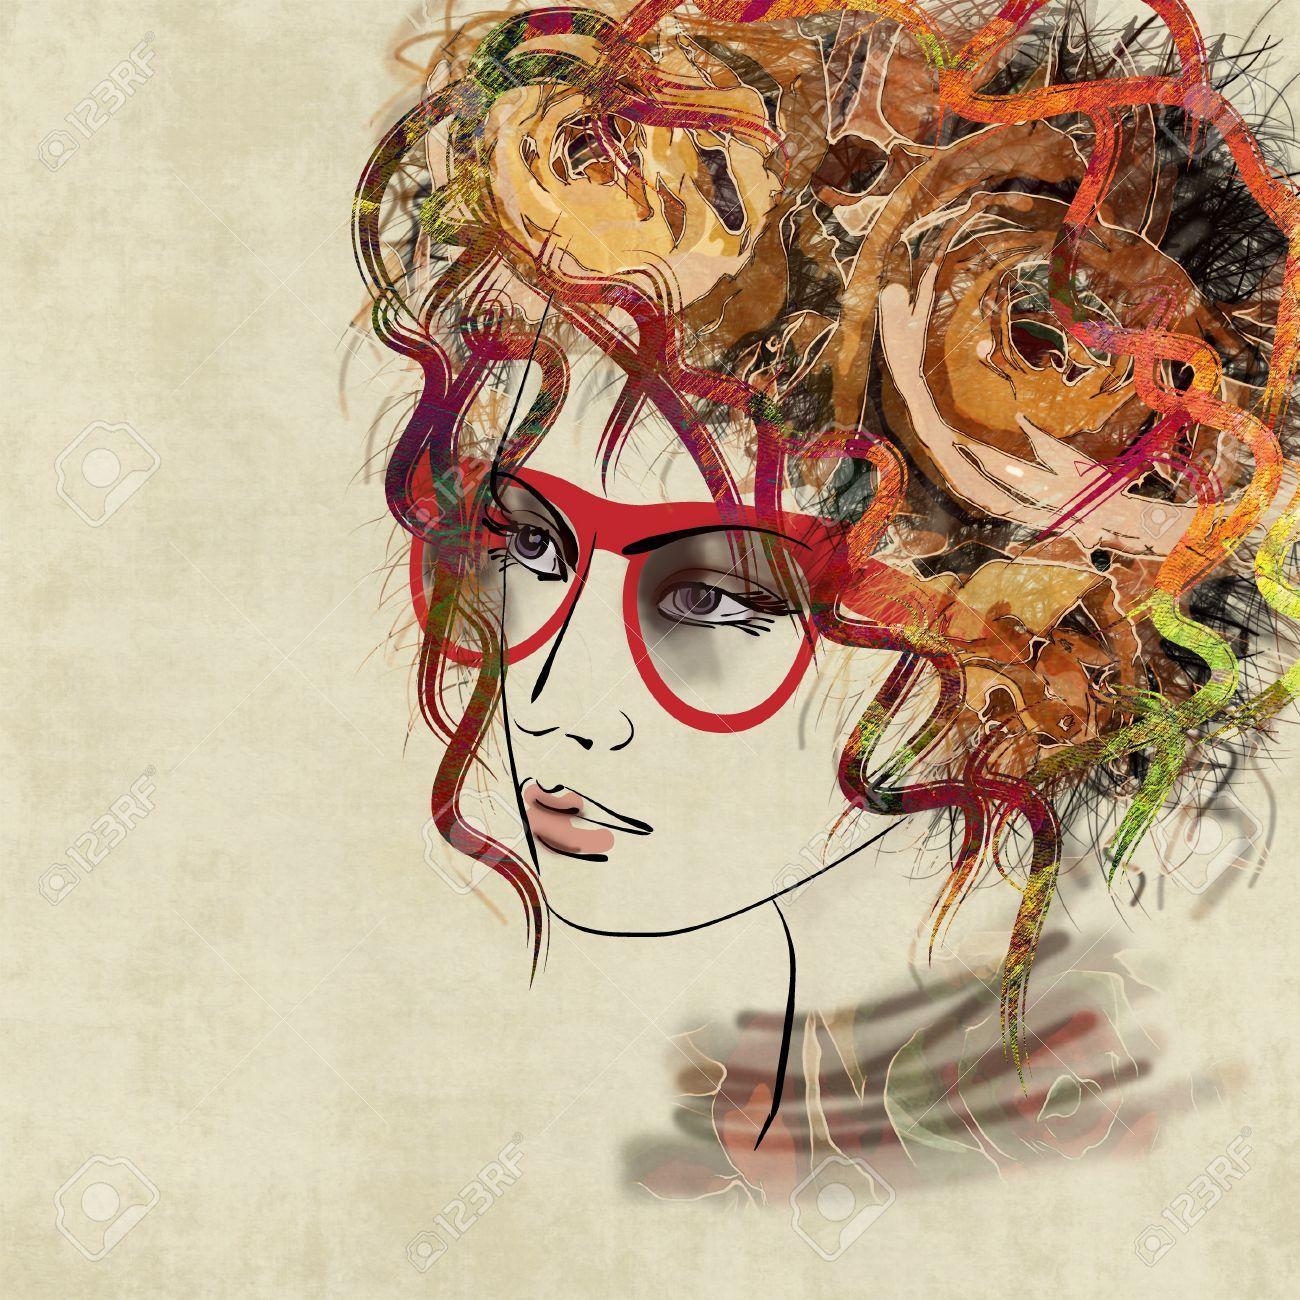 Зарисовка о красоте